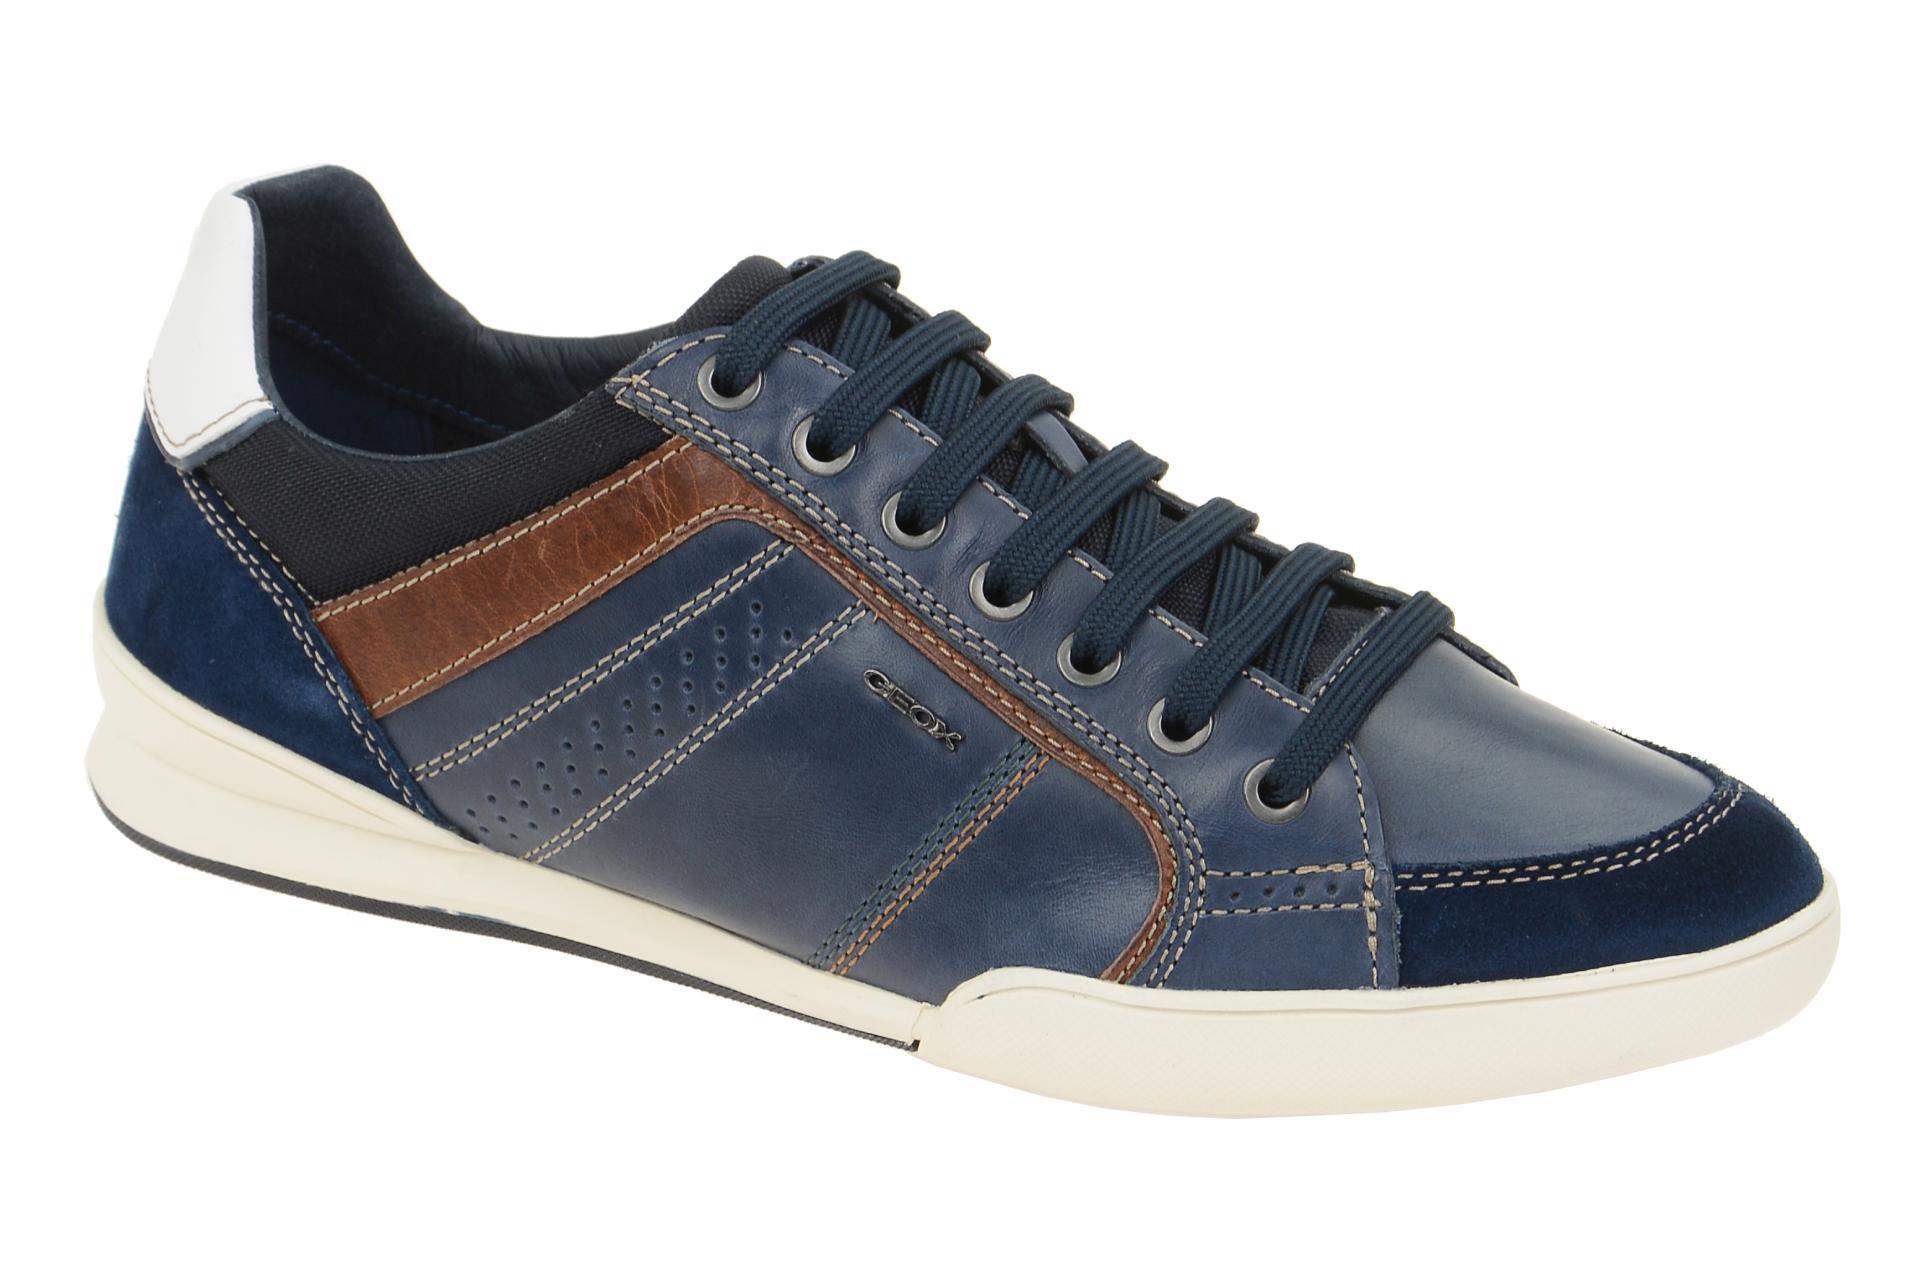 Geox BOX Herrenschuhe Sneakers Halbschuhe braun NEU